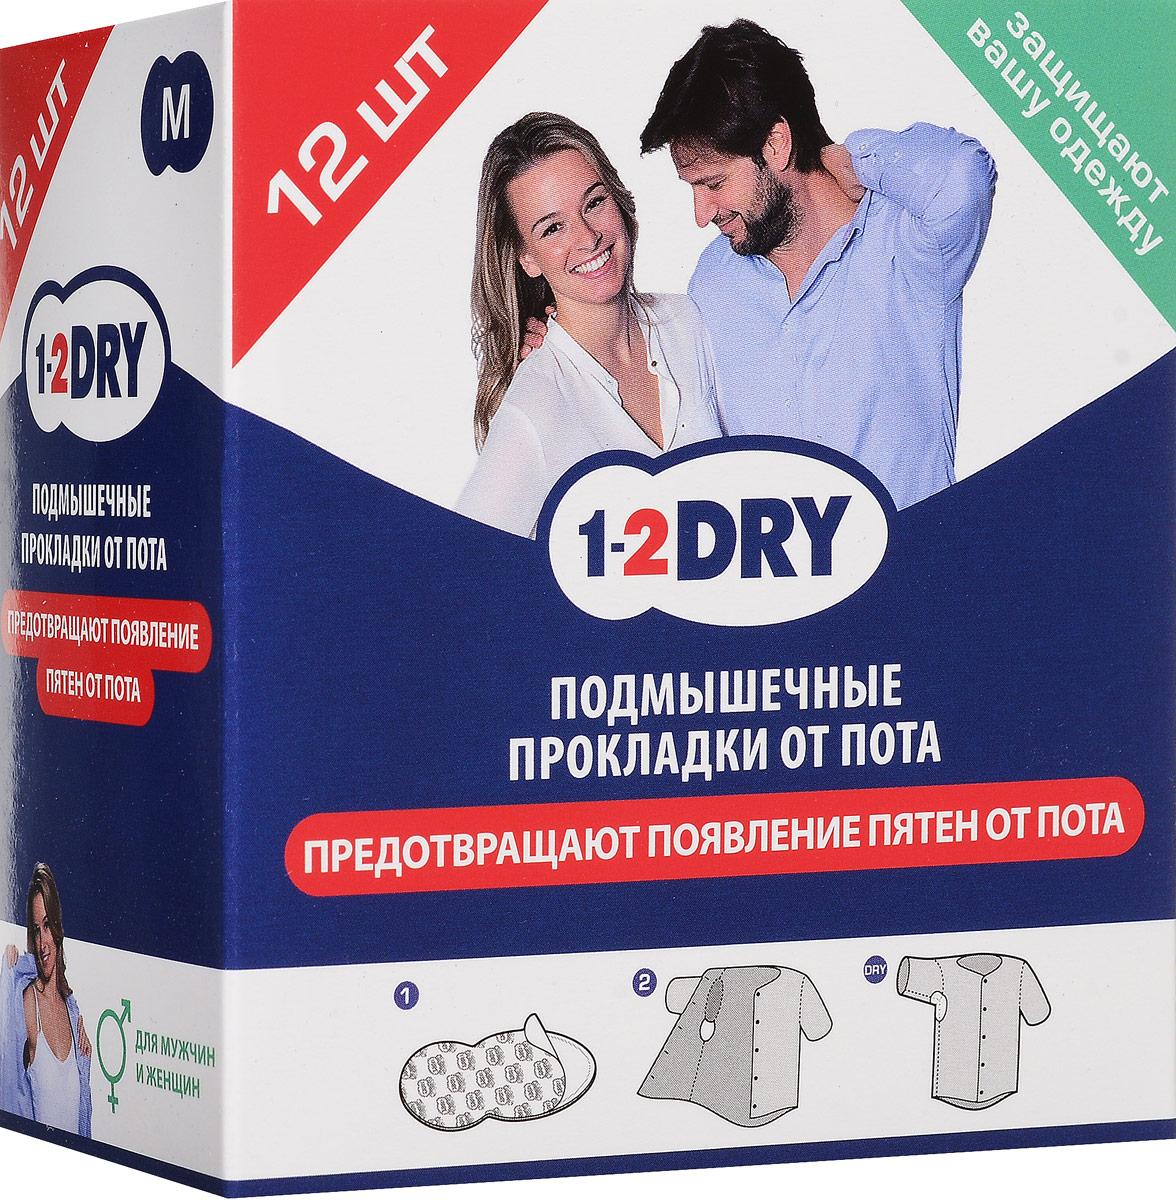 Прокладки для подмышек от пота1-2DRY №12 средние белого цвета1112_12